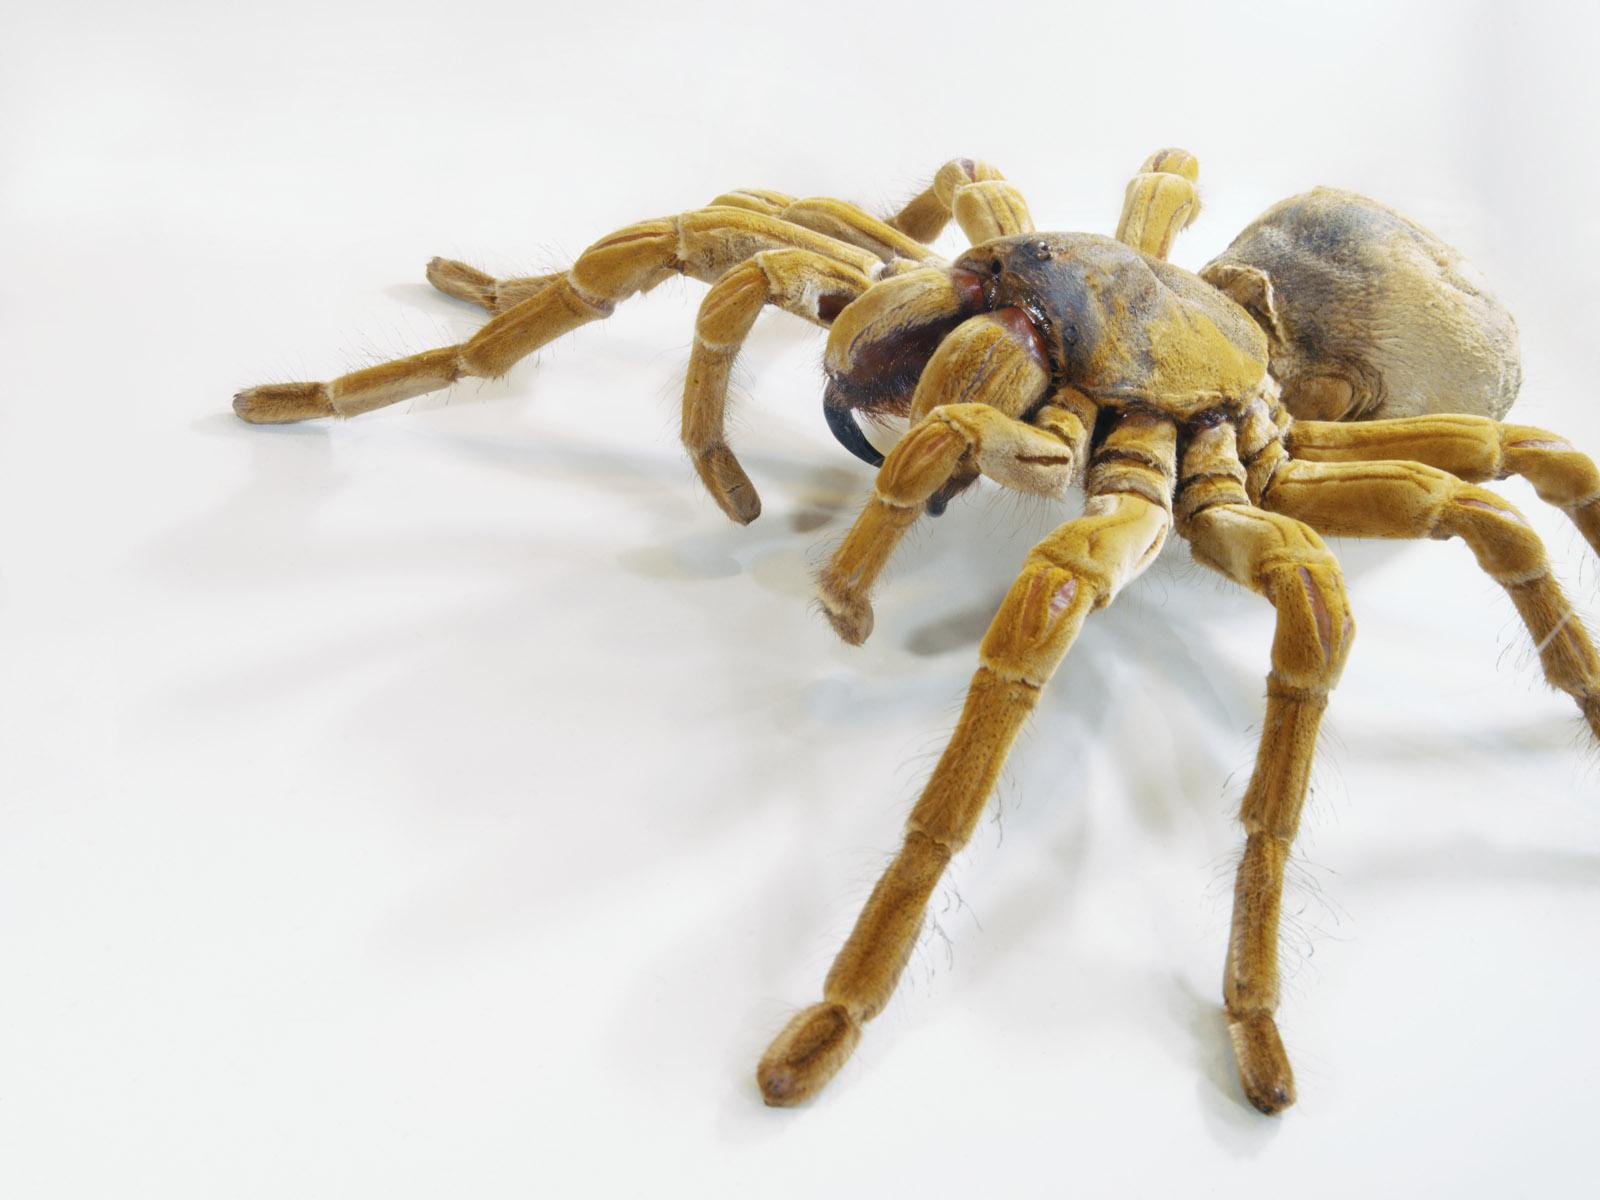 Обои на рабочий стол паук птицеед